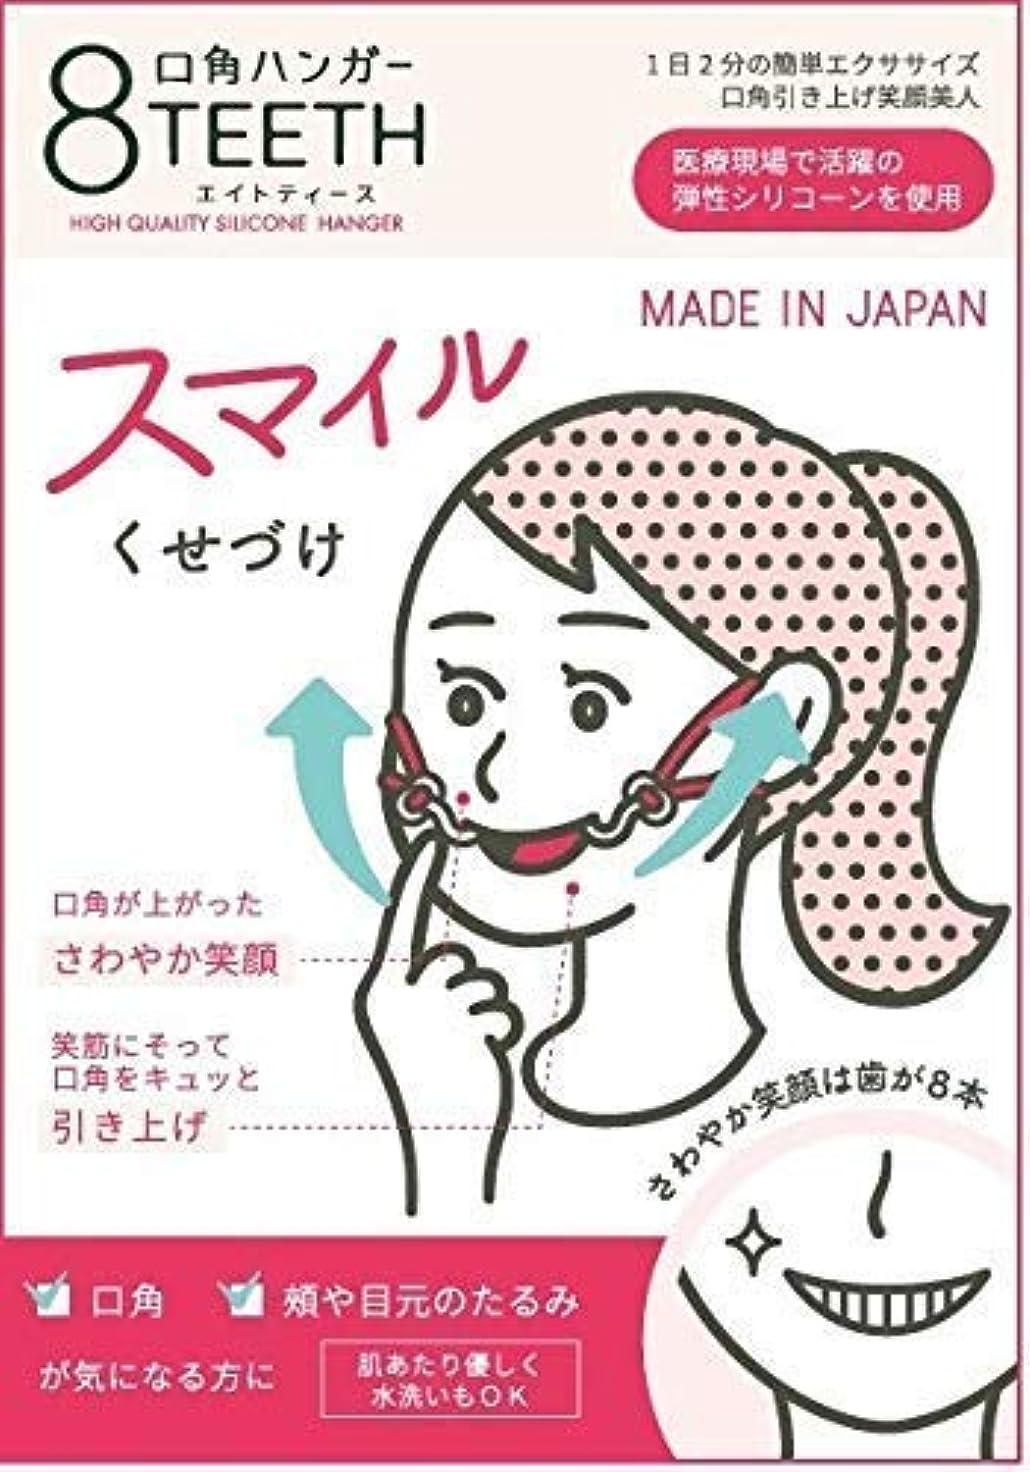 抽象マラソン一口口角ハンガー 8teeth エイトティース 【表情筋トレーナー監修】日本製 口角 頬 たるみ 上る 引き上げる 表情筋 ほうれい線 リフトアップ グッズ エクササイズ トレーニング 笑顔美人 NHK「まちかど情報室」紹介